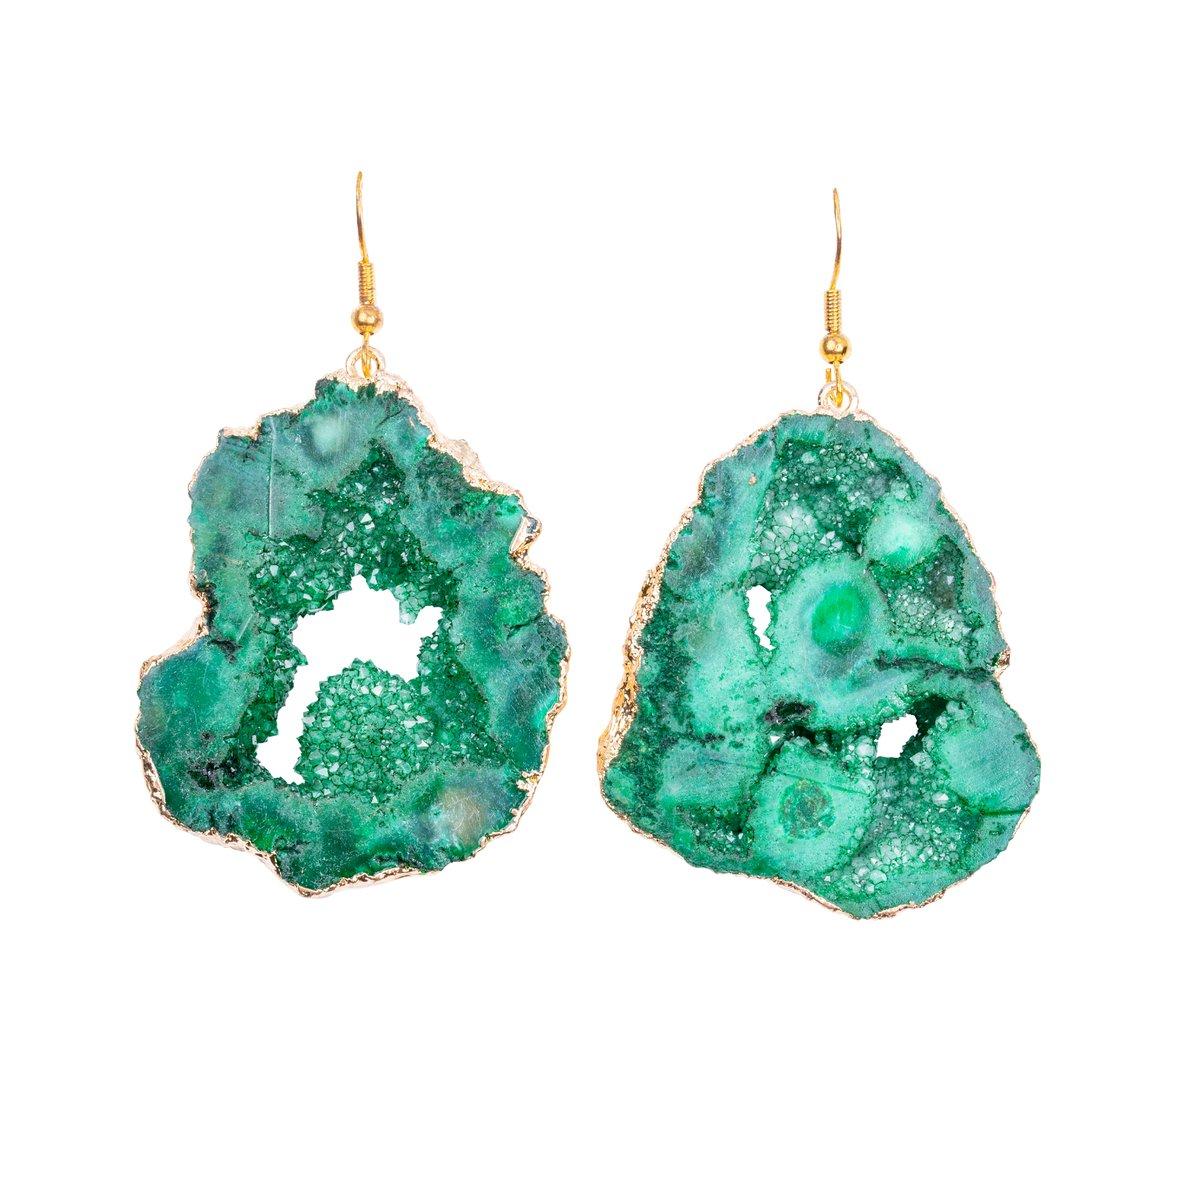 Green Icmeler Earrings